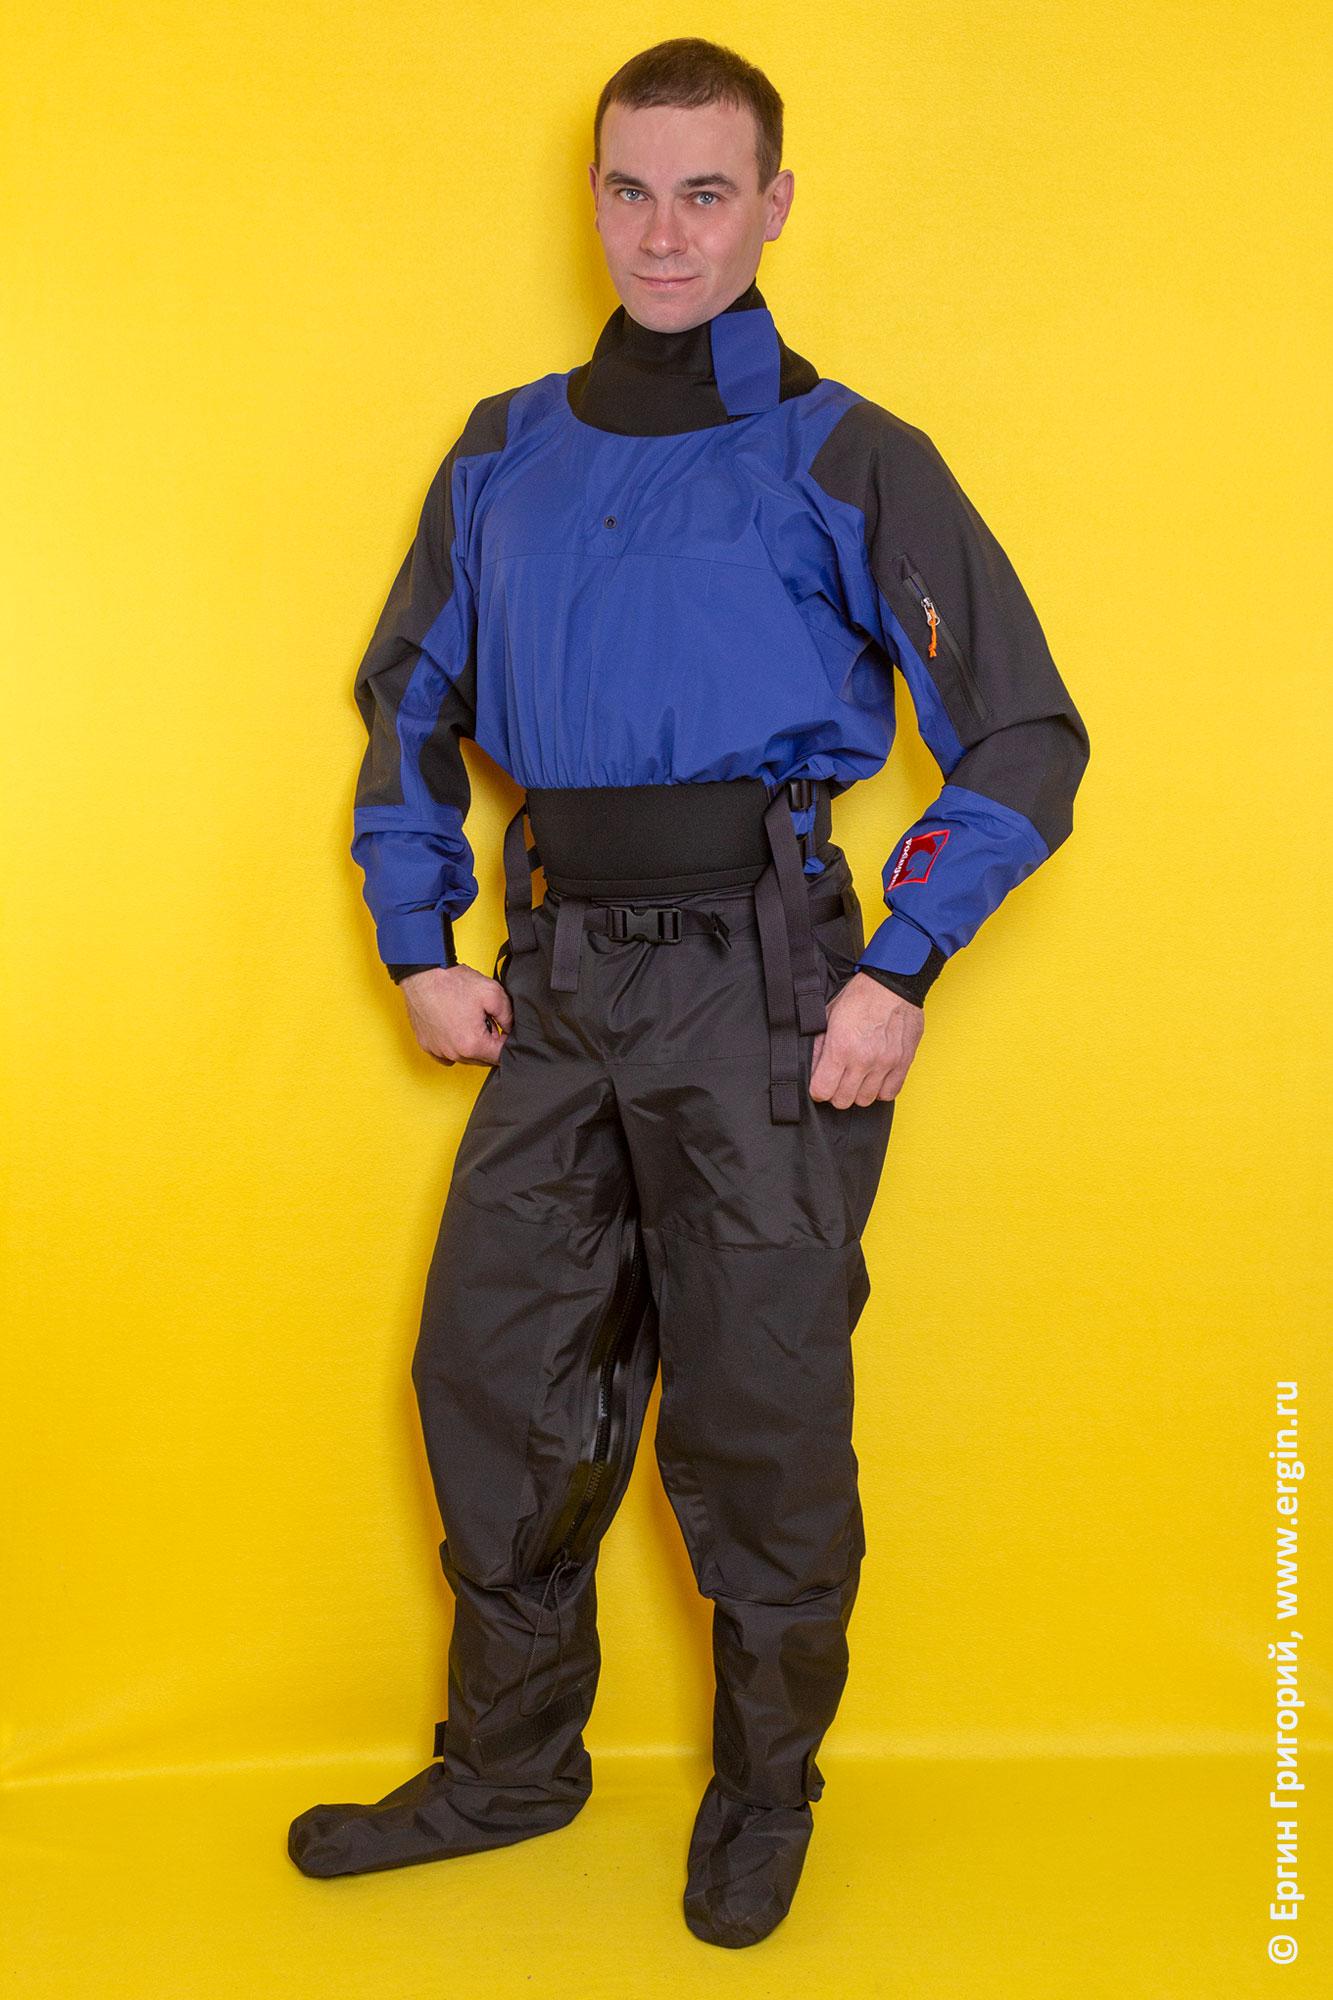 Сухой костюм для каякинга (драйсьют)